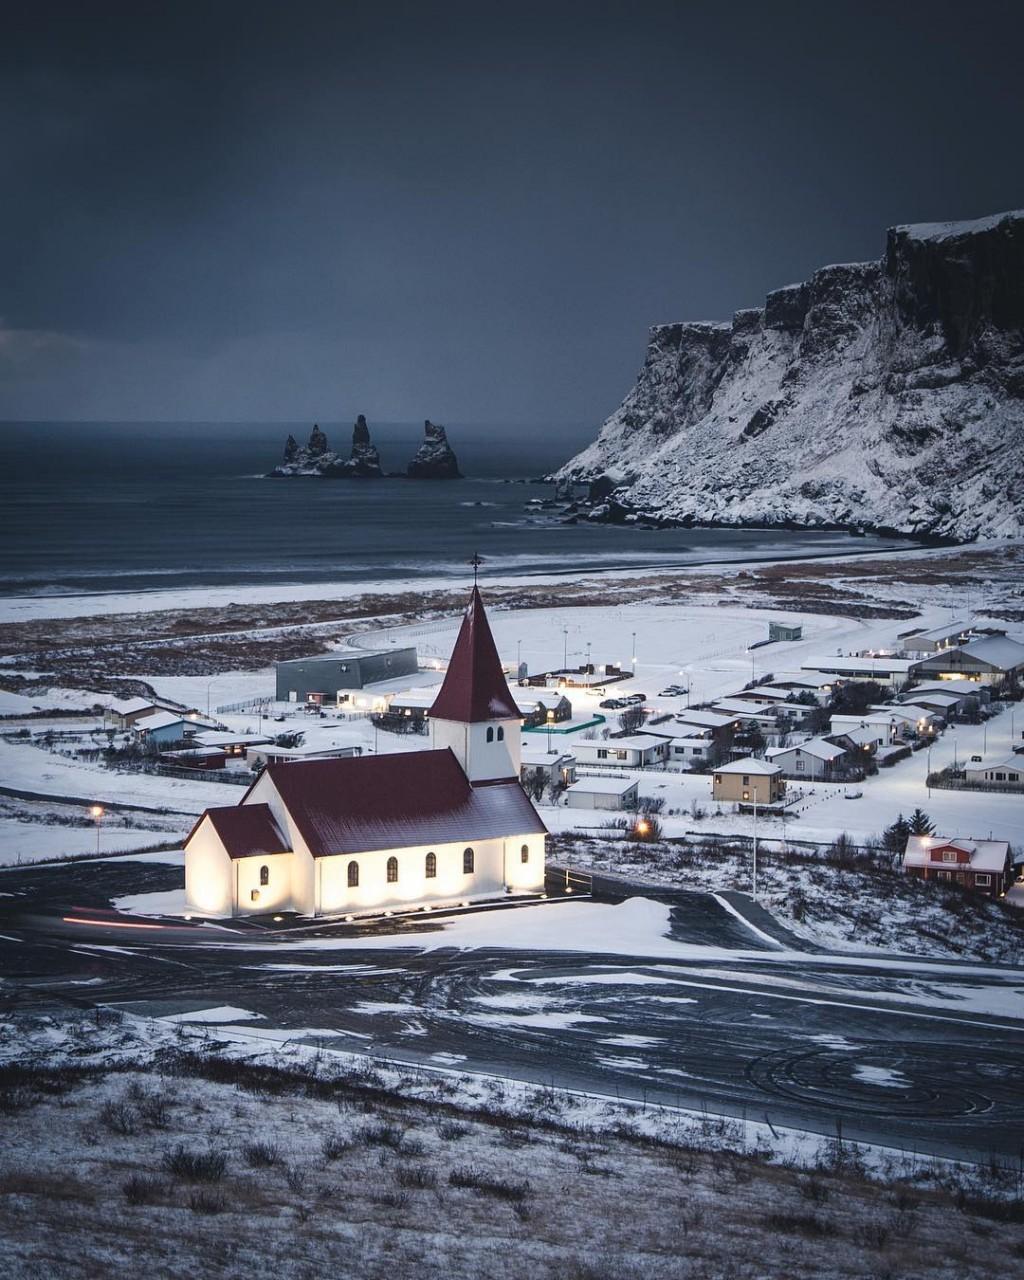 Красивые пейзажные фотографии Денниса Шмельца